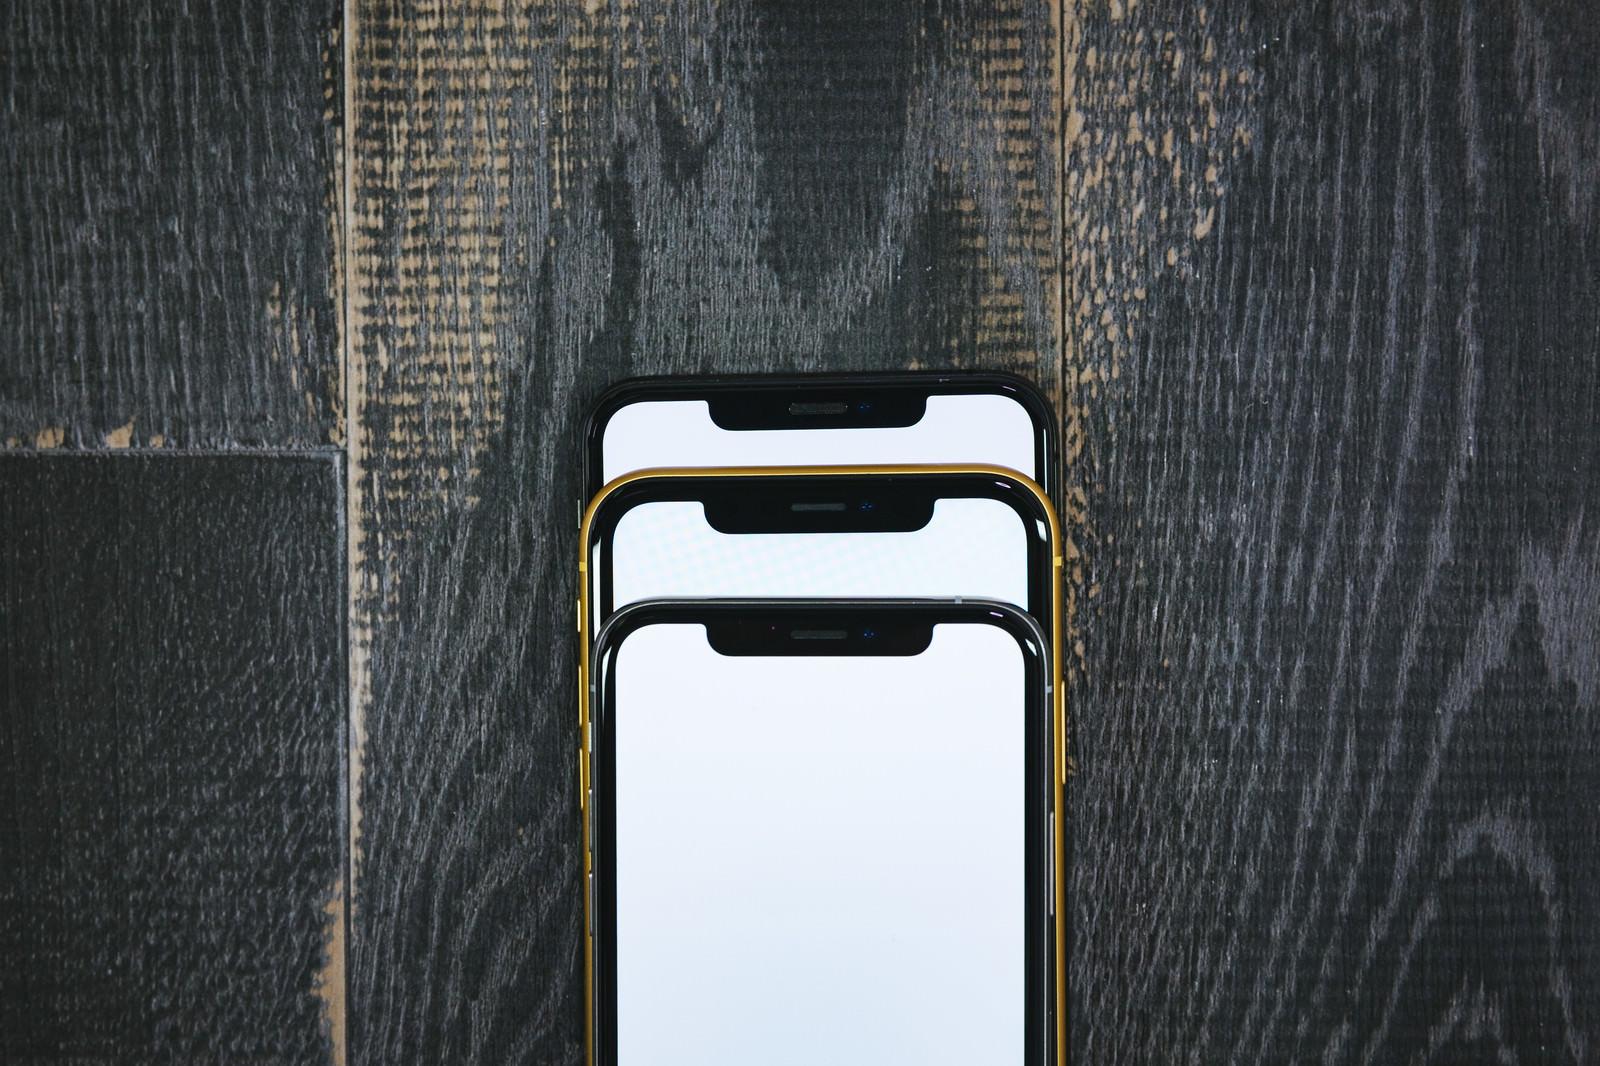 「iPhone XS と XR を重ねてノッチ部分を比較」の写真